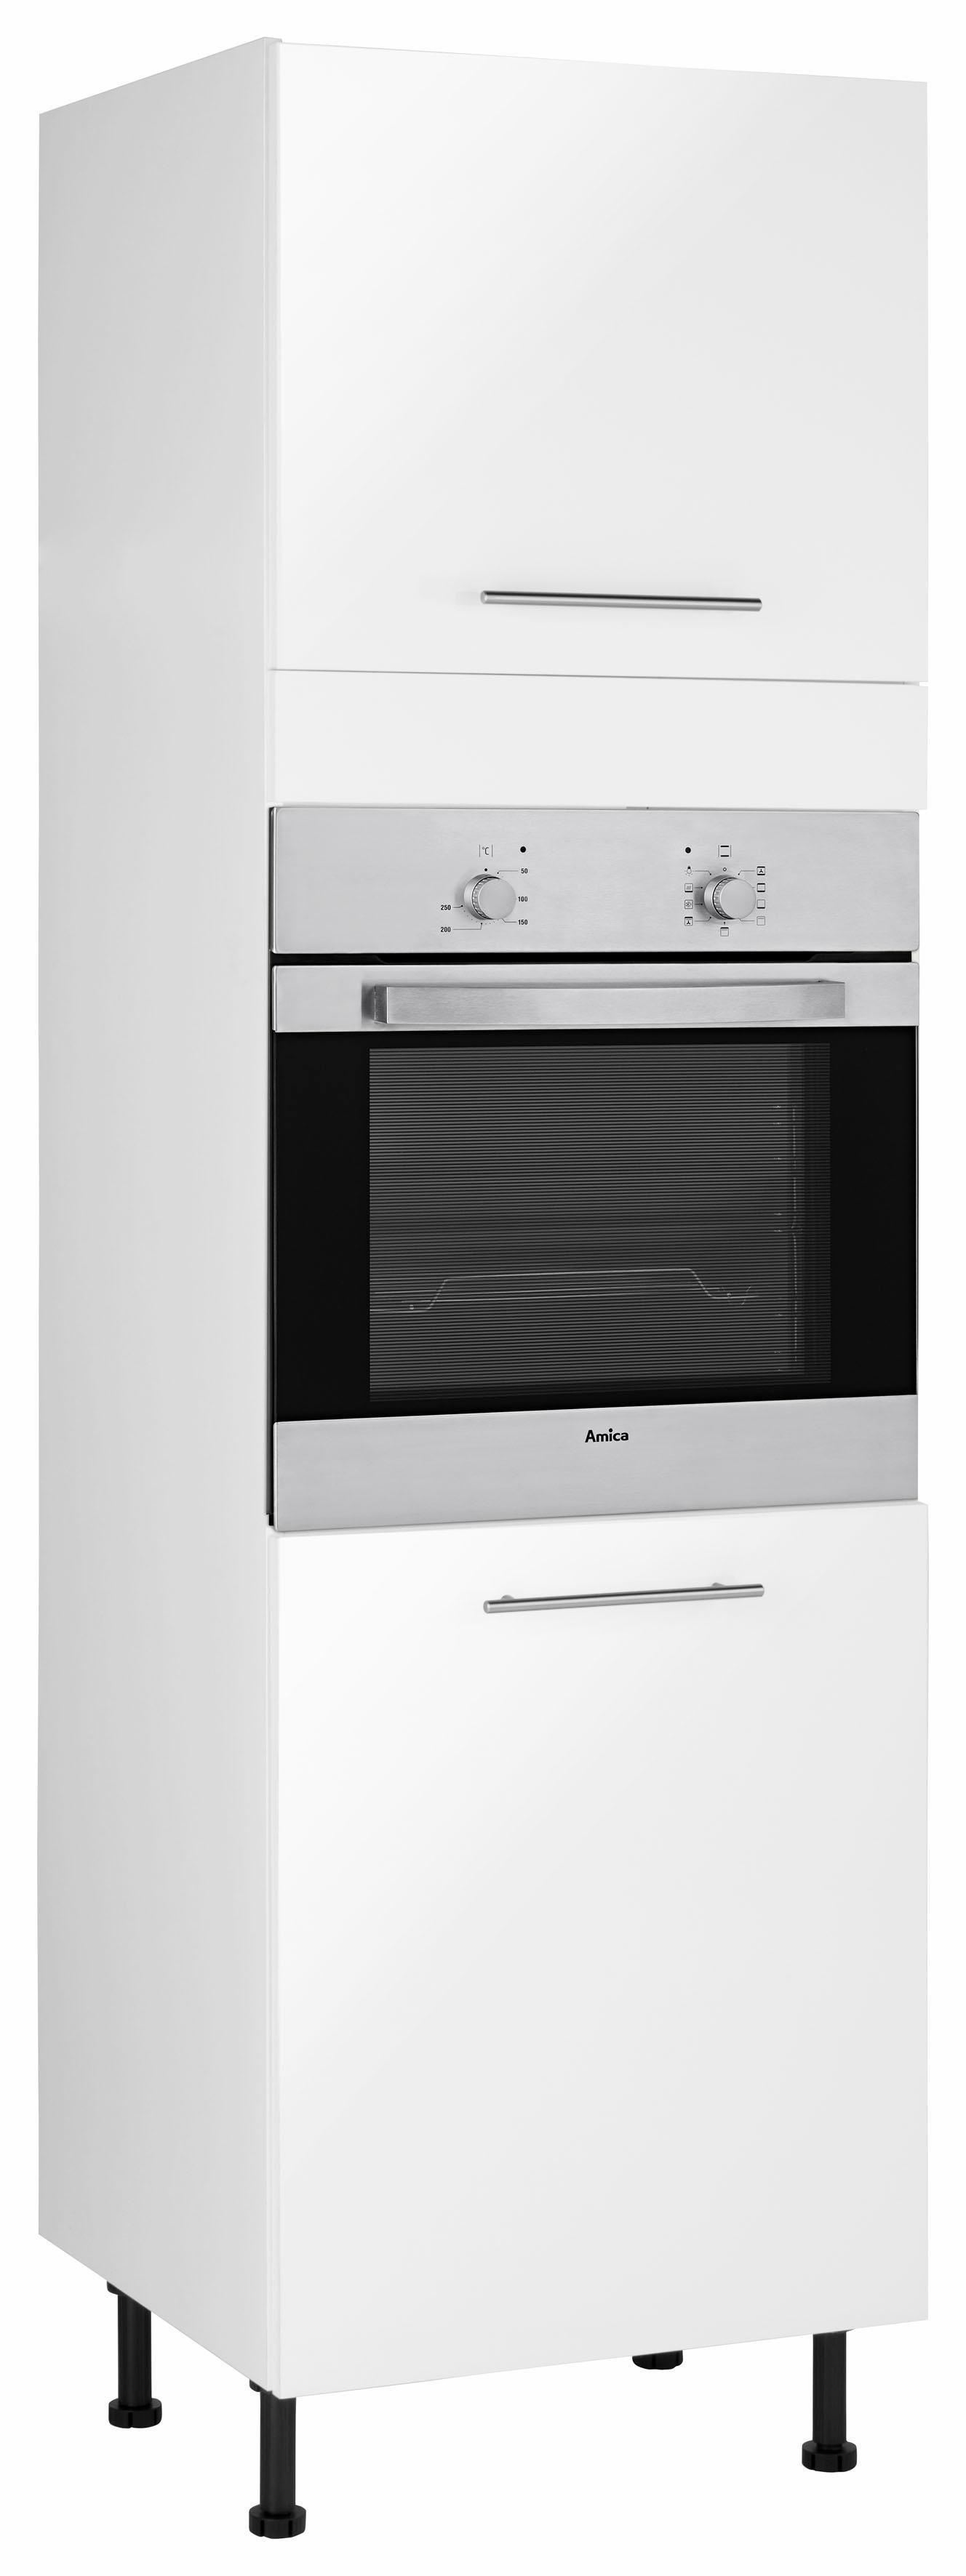 Wiho Küchen Backofenumbauschrank »Ela« | Küche und Esszimmer > Küchenschränke > Umbauschränke | Weiß - Glanz | Melamin | wiho Küchen